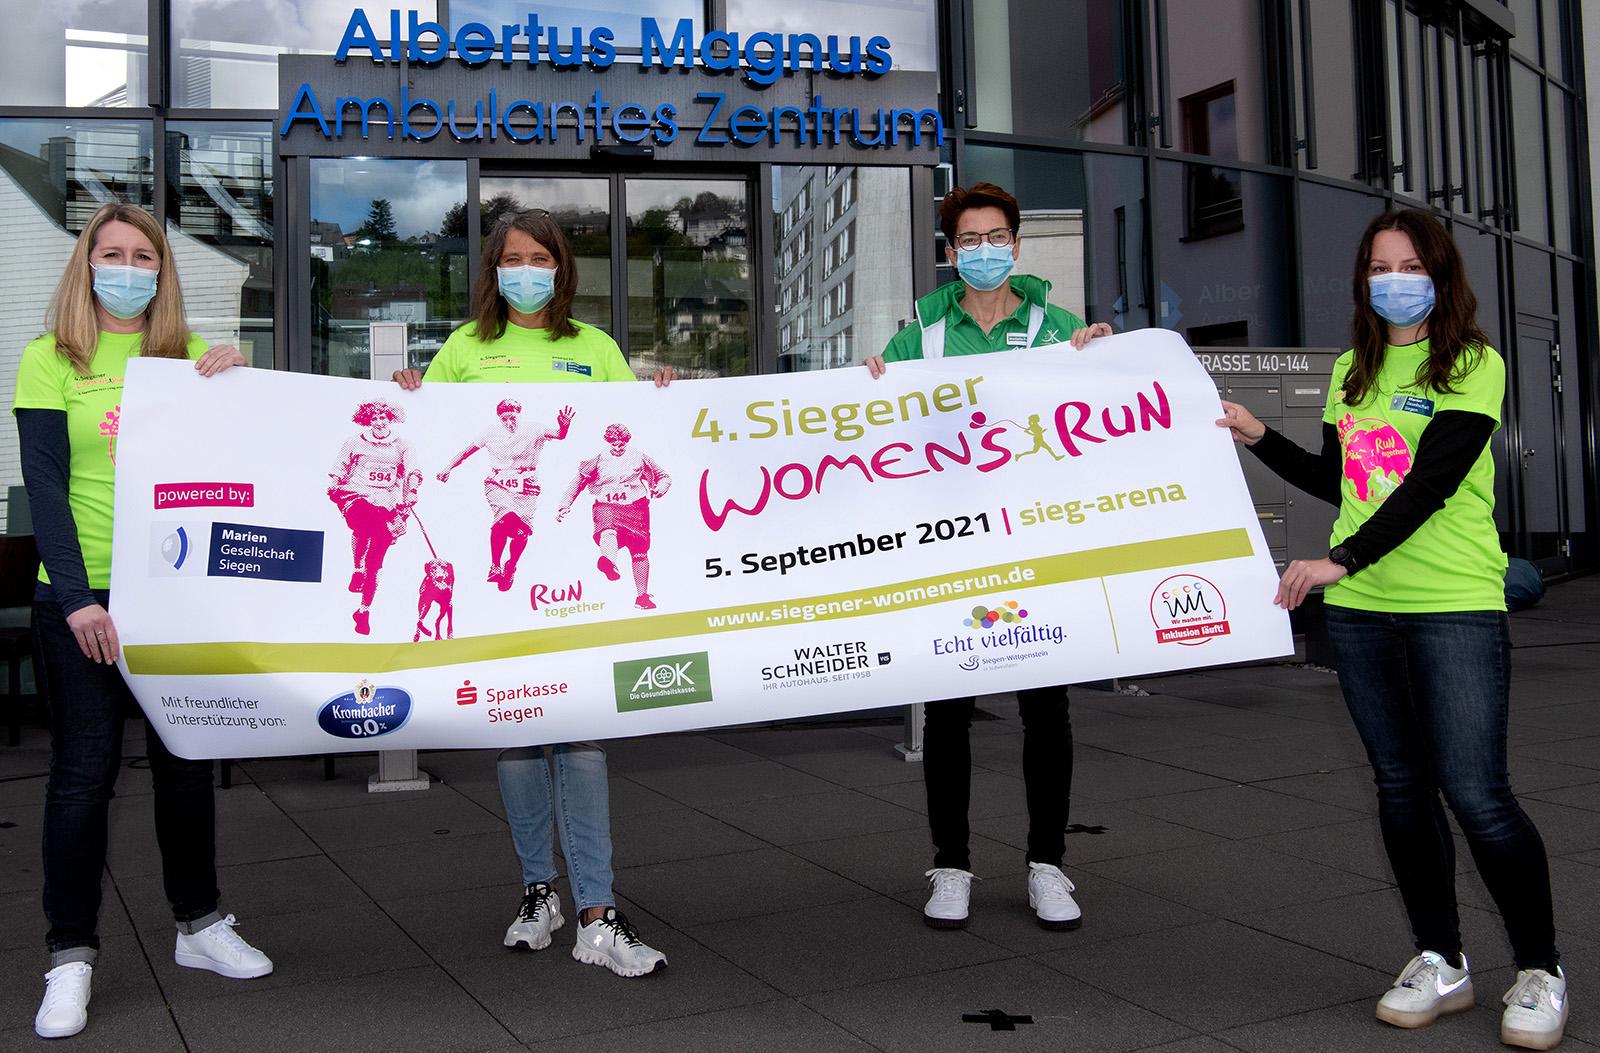 Auch 2021 wird es einen Siegener Women's Run geben!